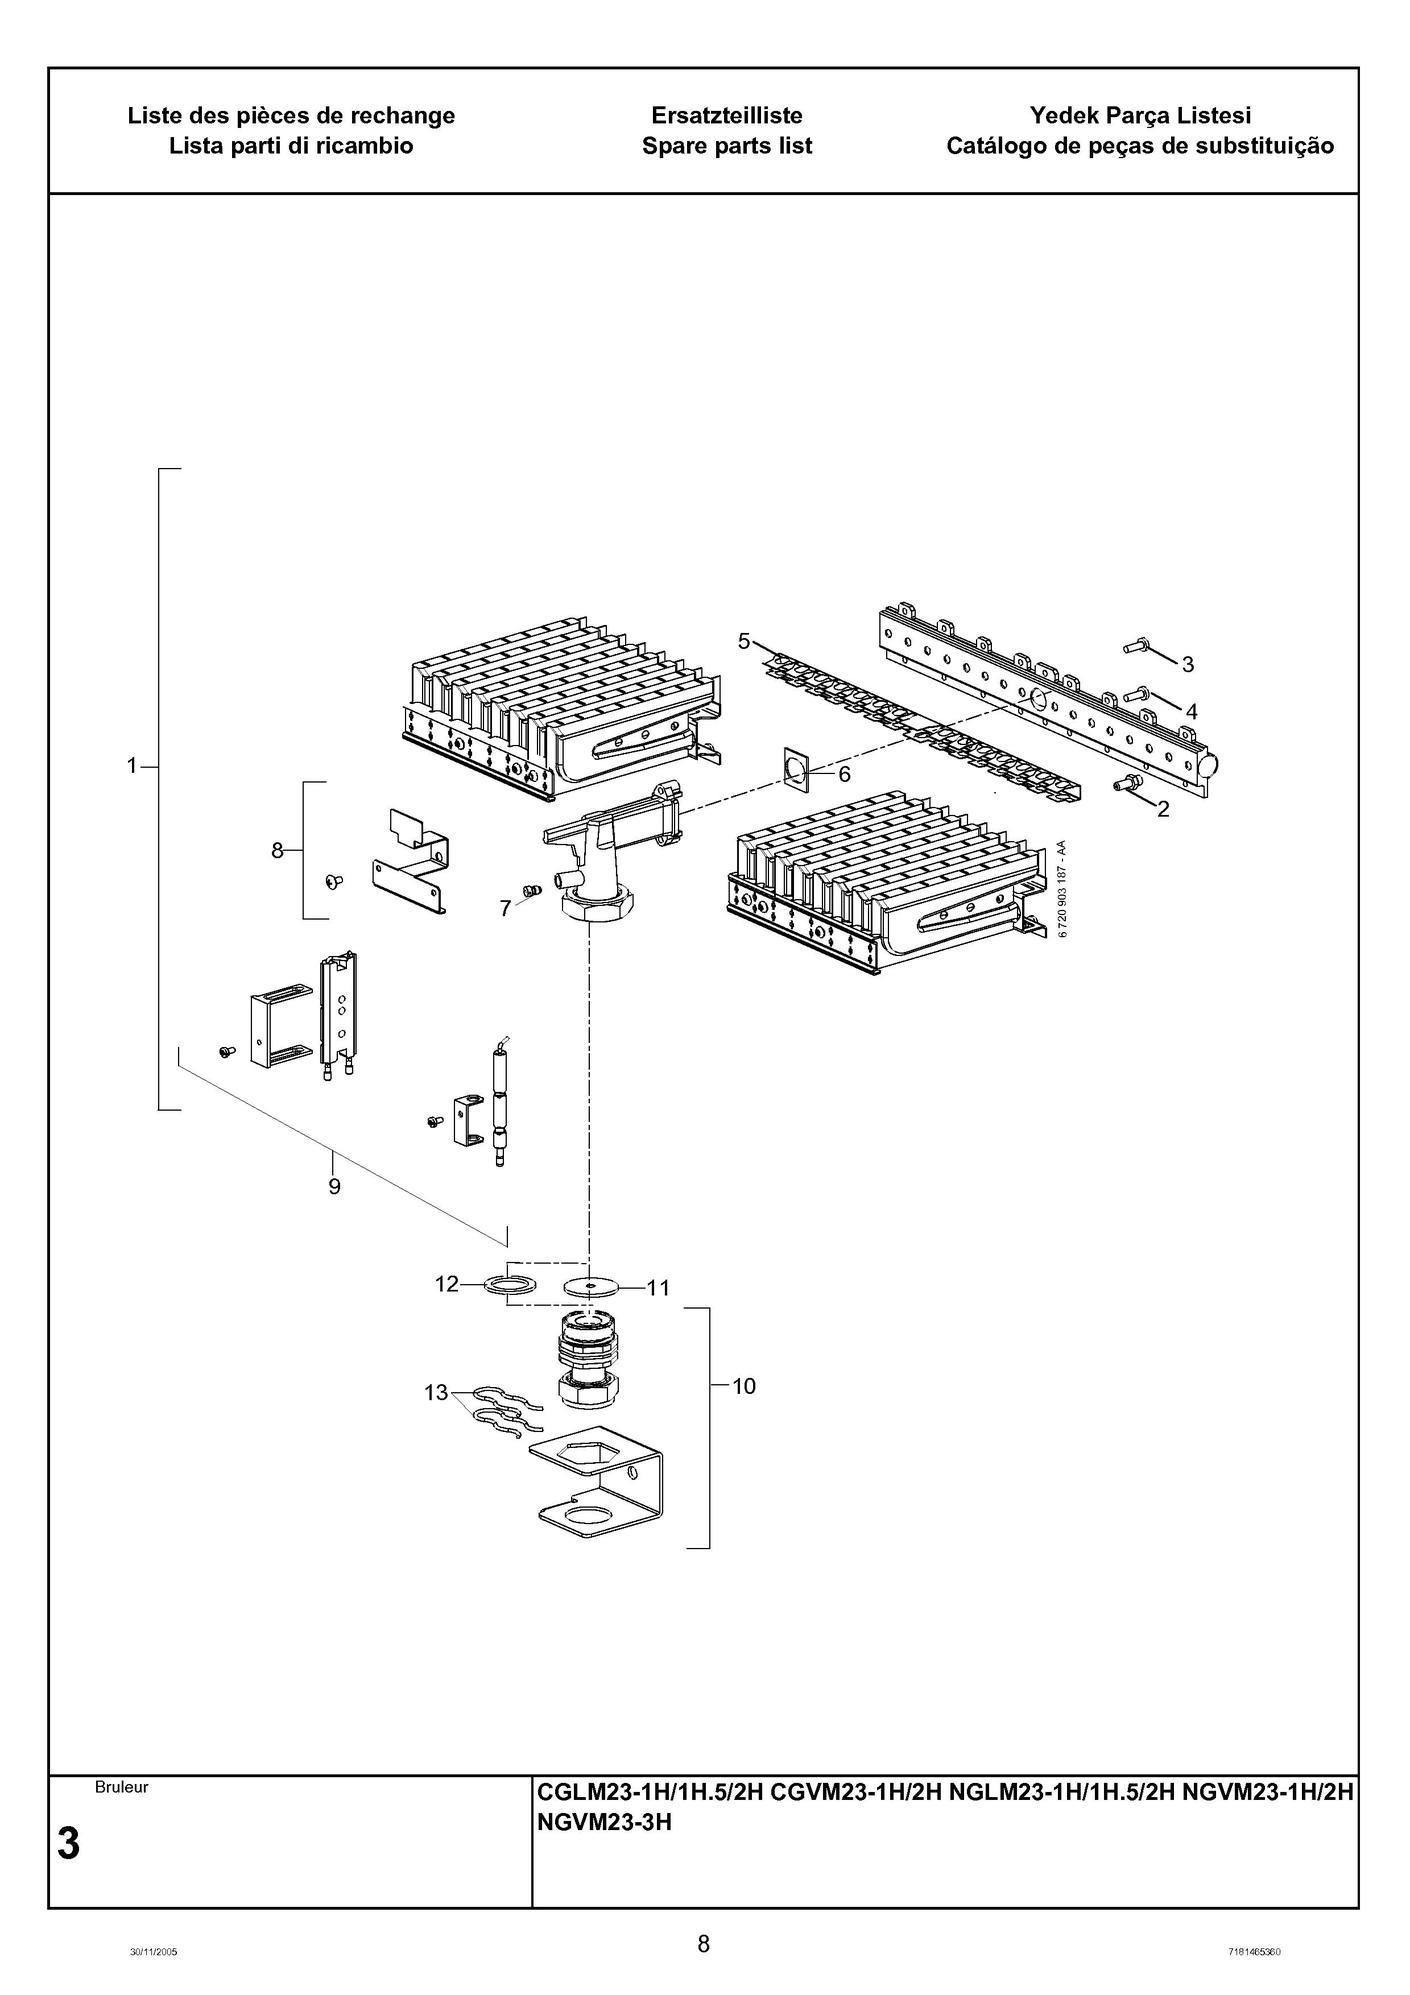 recherche directe dans la vue clat e de l 39 article elm leblanc bruleur nglm23 nat equipe. Black Bedroom Furniture Sets. Home Design Ideas